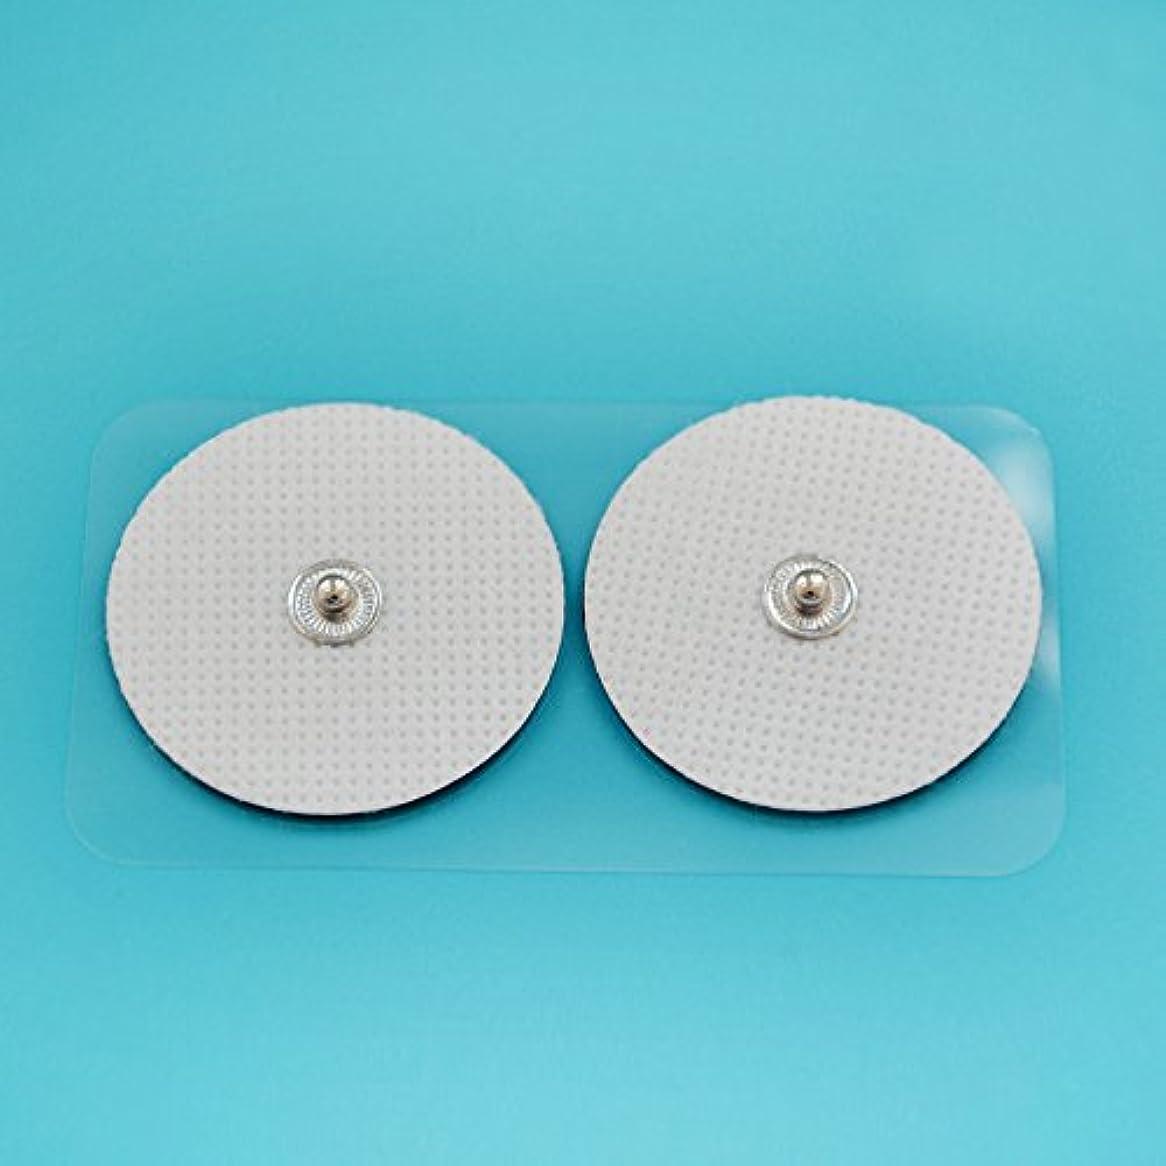 一次発表するオークアクセルガード【EMS/TENS用粘着パッド】低周波用 電極パッド 粘着パッド 丸型 直径 4 cm 10ペア/20枚入り